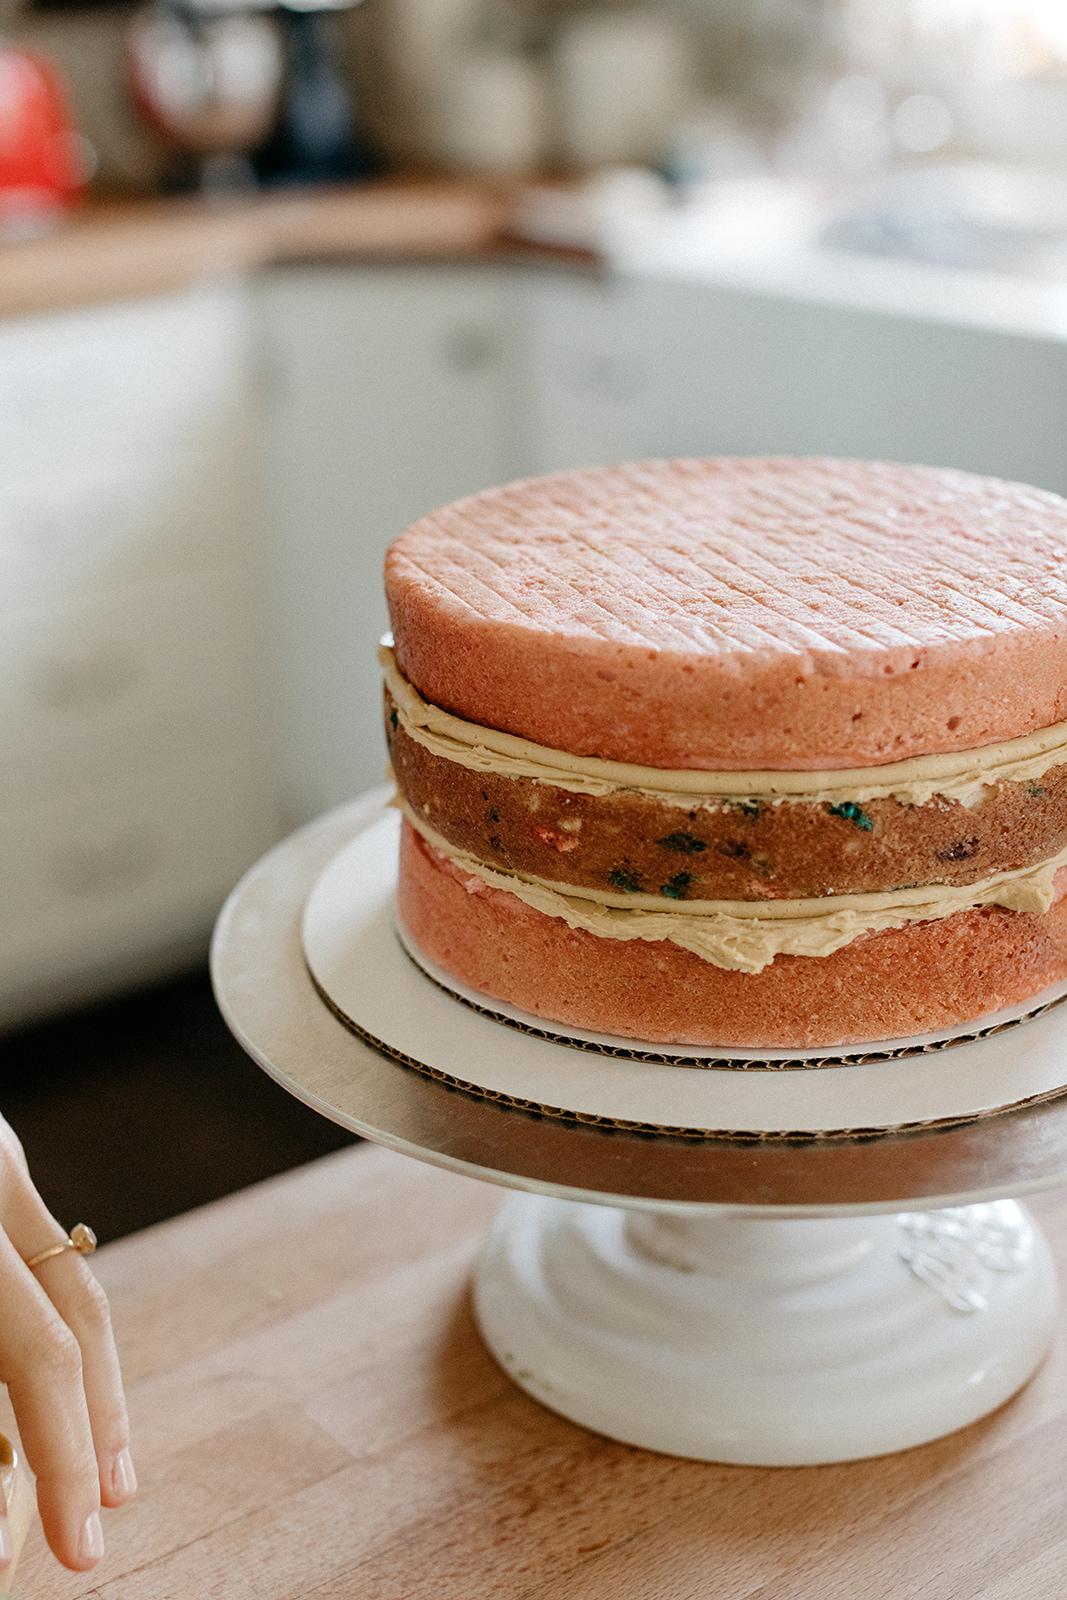 molly-yeh-rhubarb-birthday-cake-13.jpg